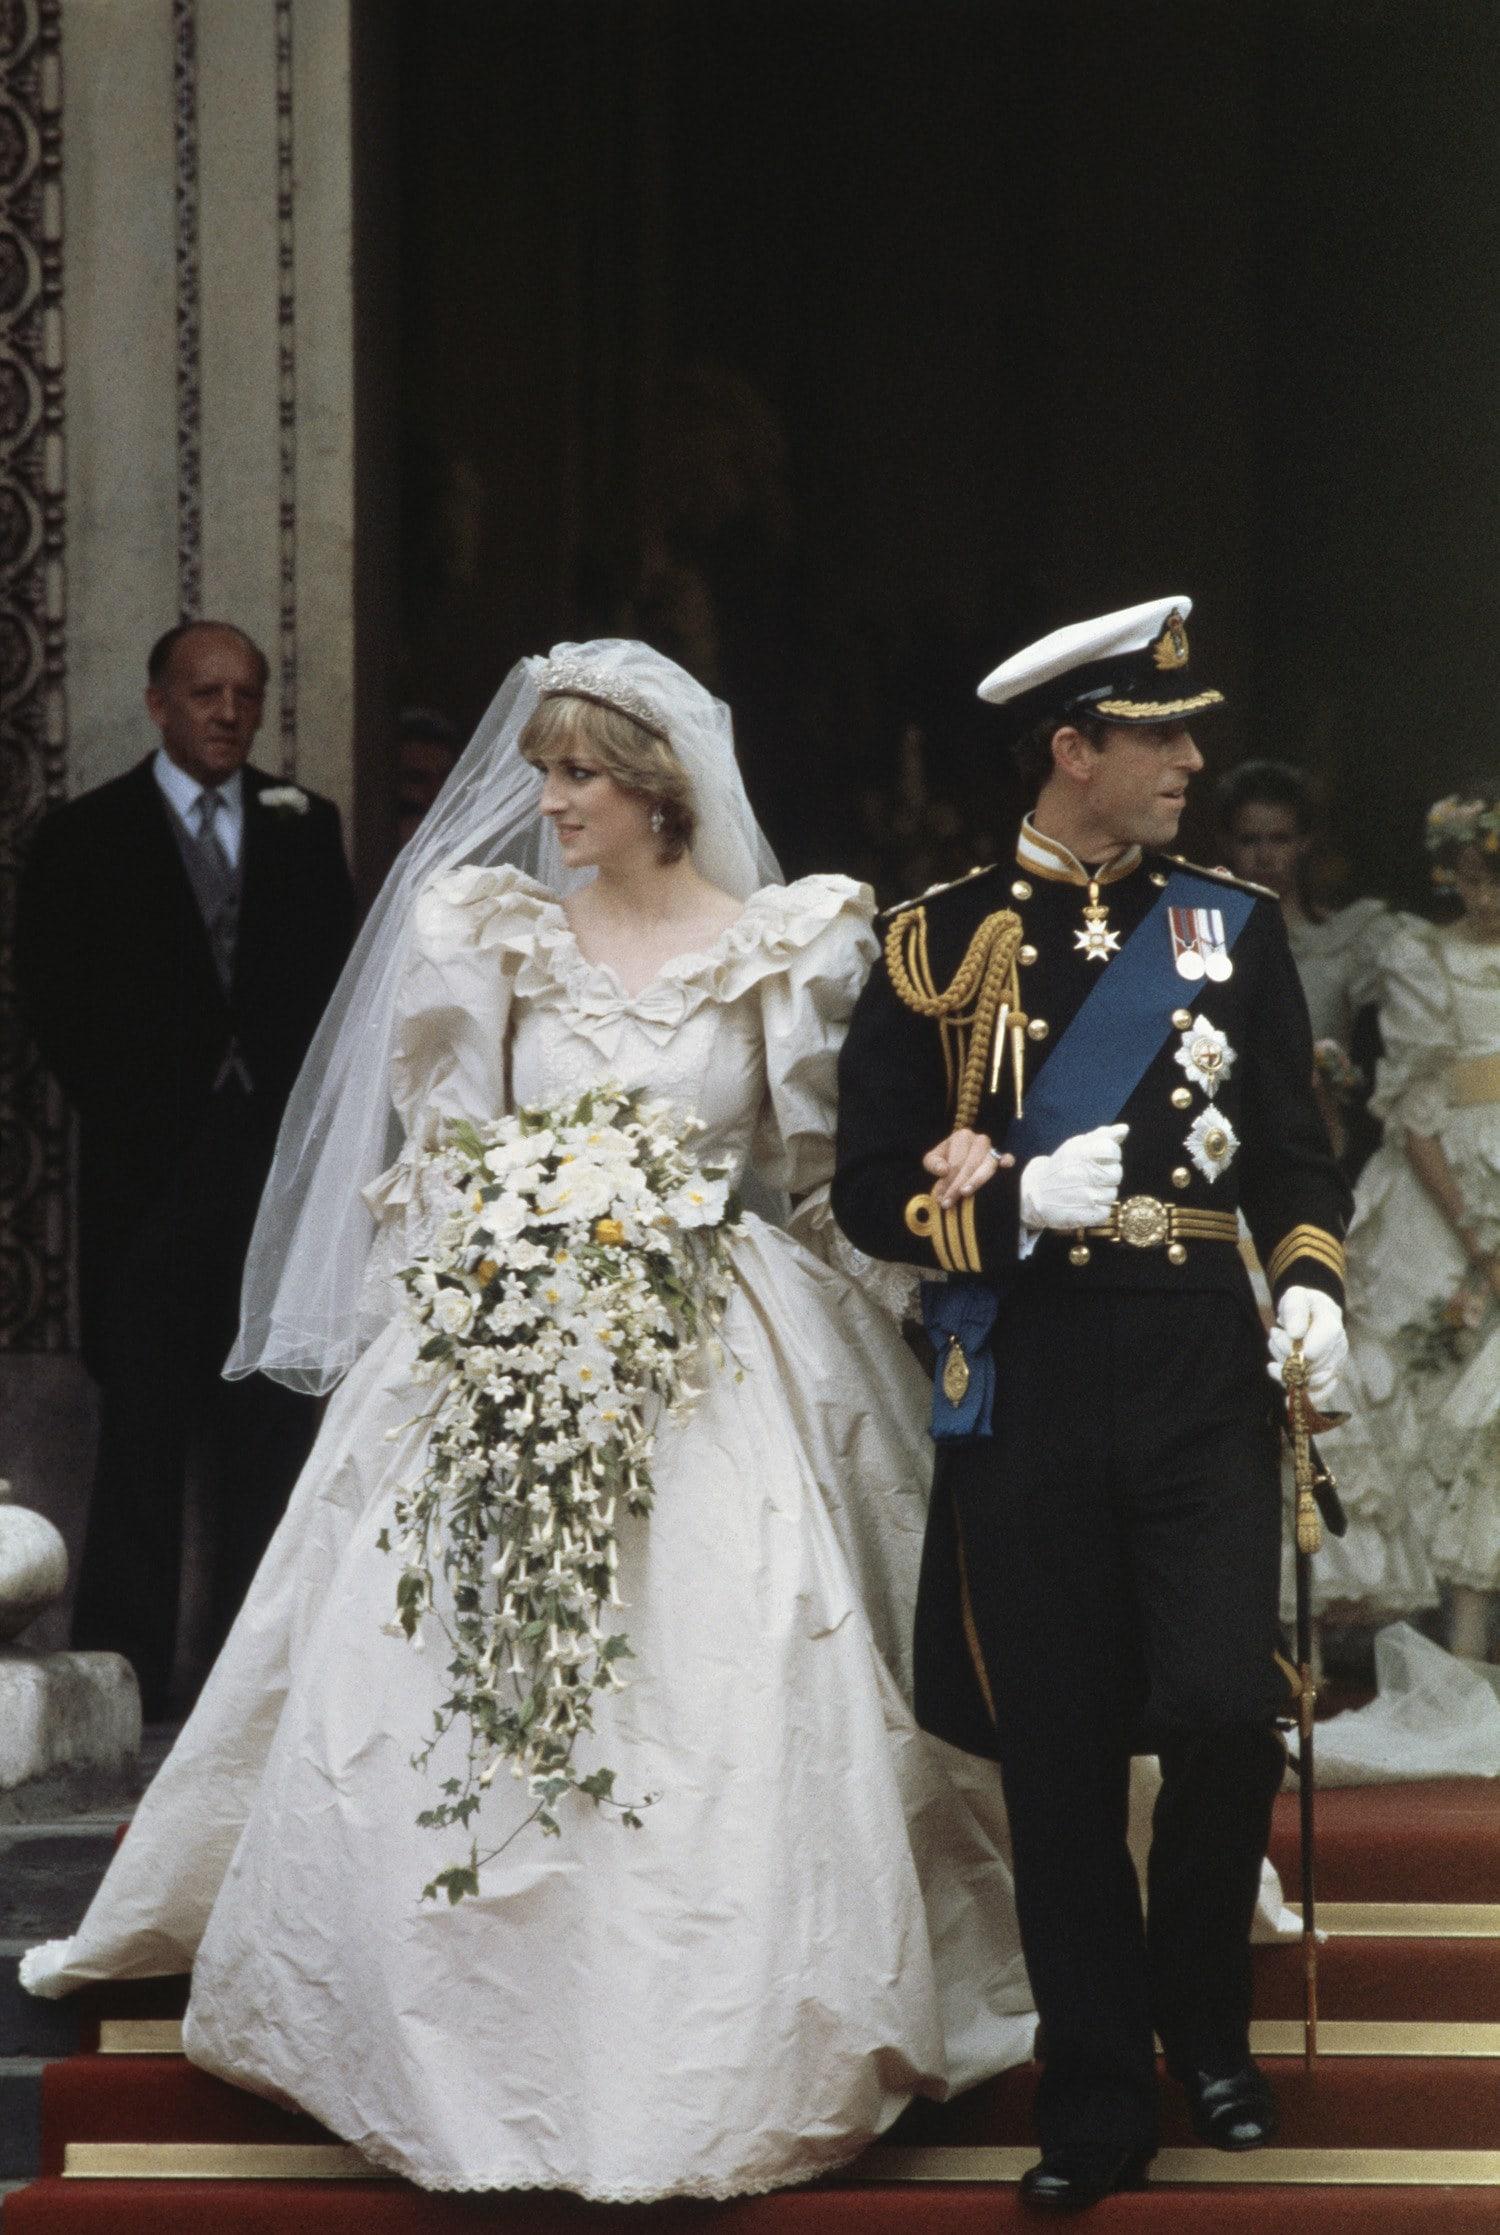 Lady Diana Spencer (1961 - 1997) in her wedding dress designed by David and Elizabeth Emanuel.